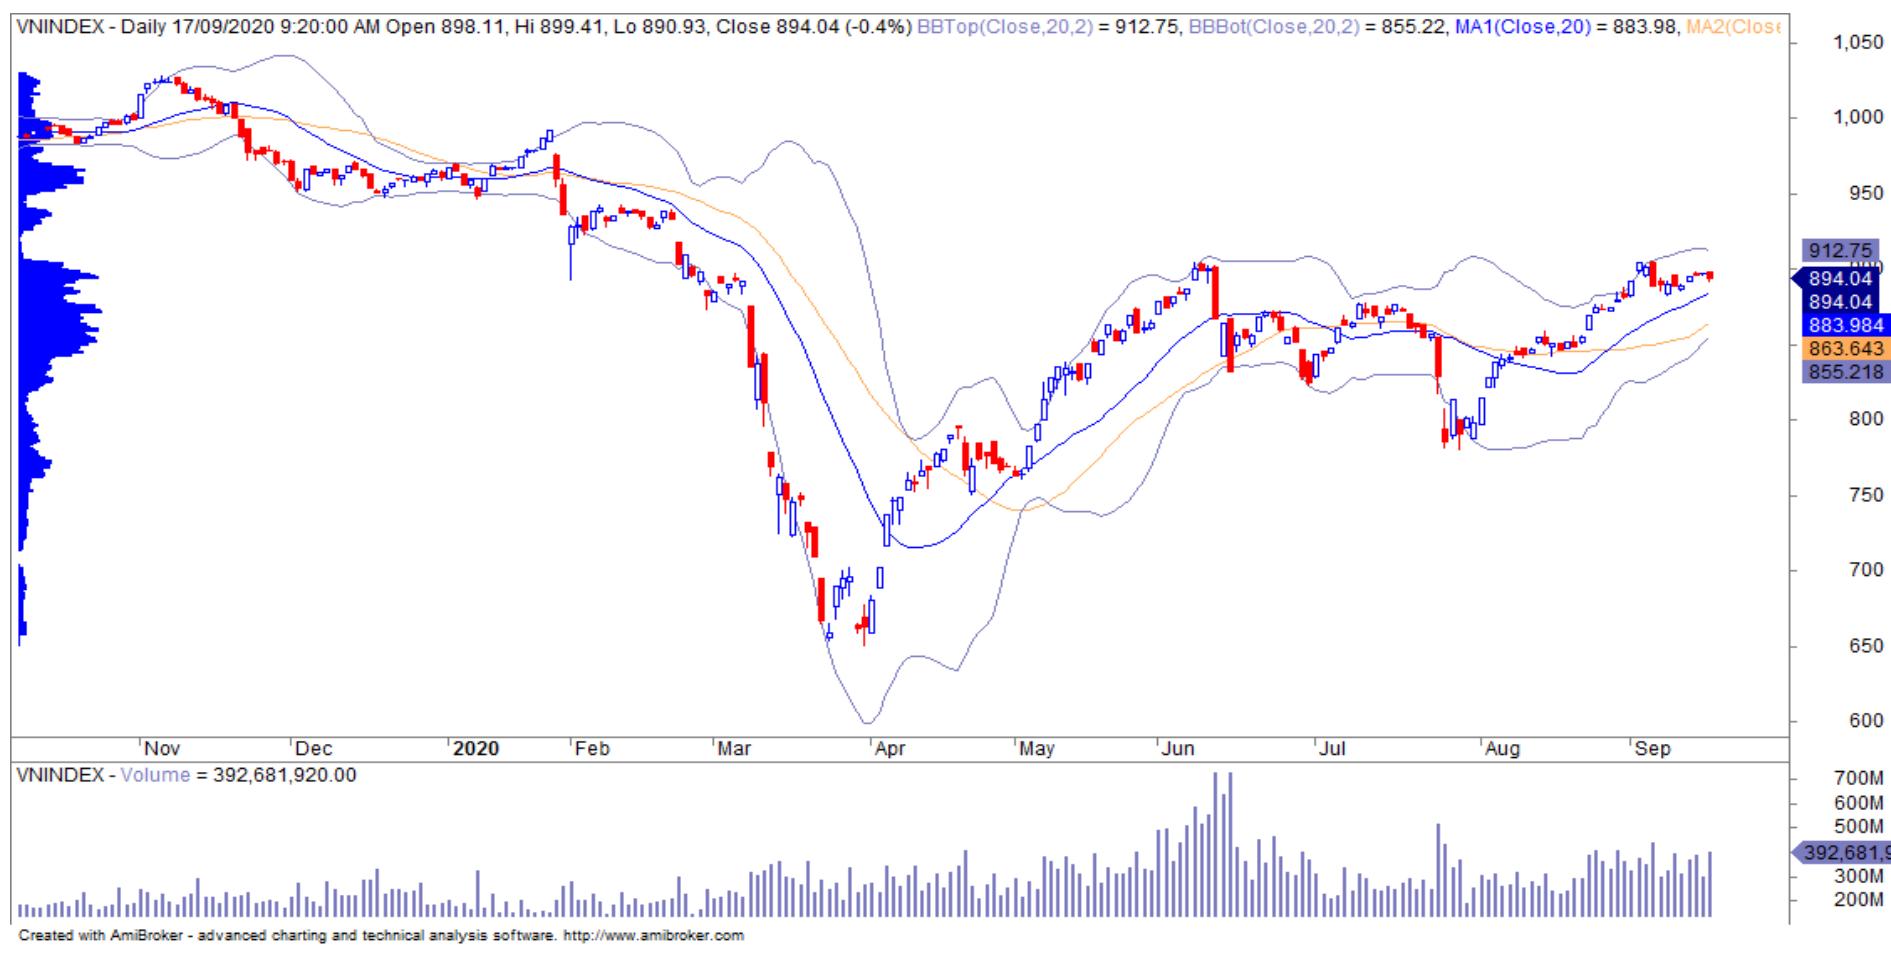 Nhận định thị trường chứng khoán ngày 18/9: Lưu ý phiên cơ cấu danh mục các quĩ ETFs - Ảnh 1.